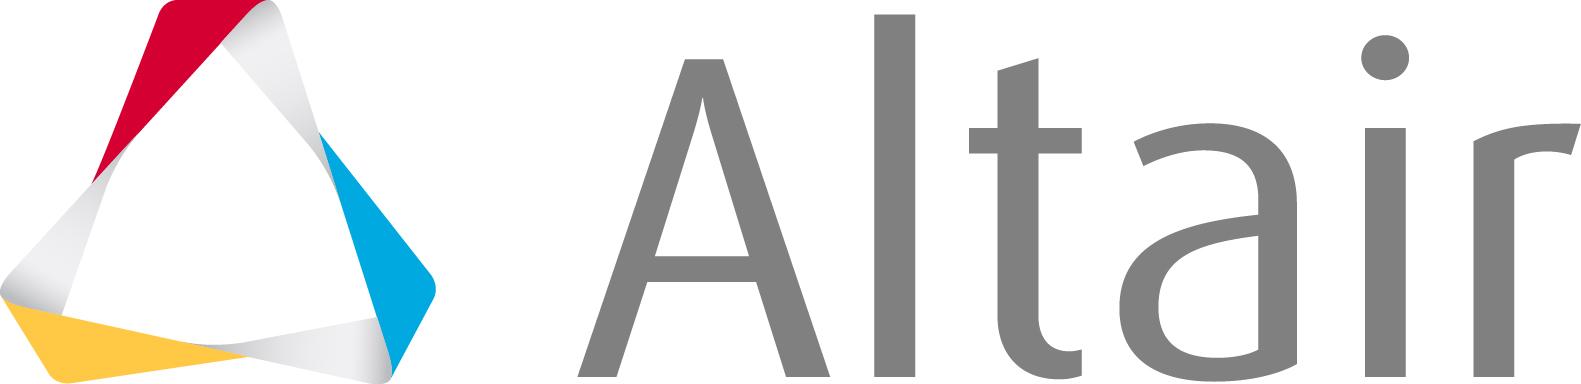 [PROTO] Landing page banner logo_Logo 8